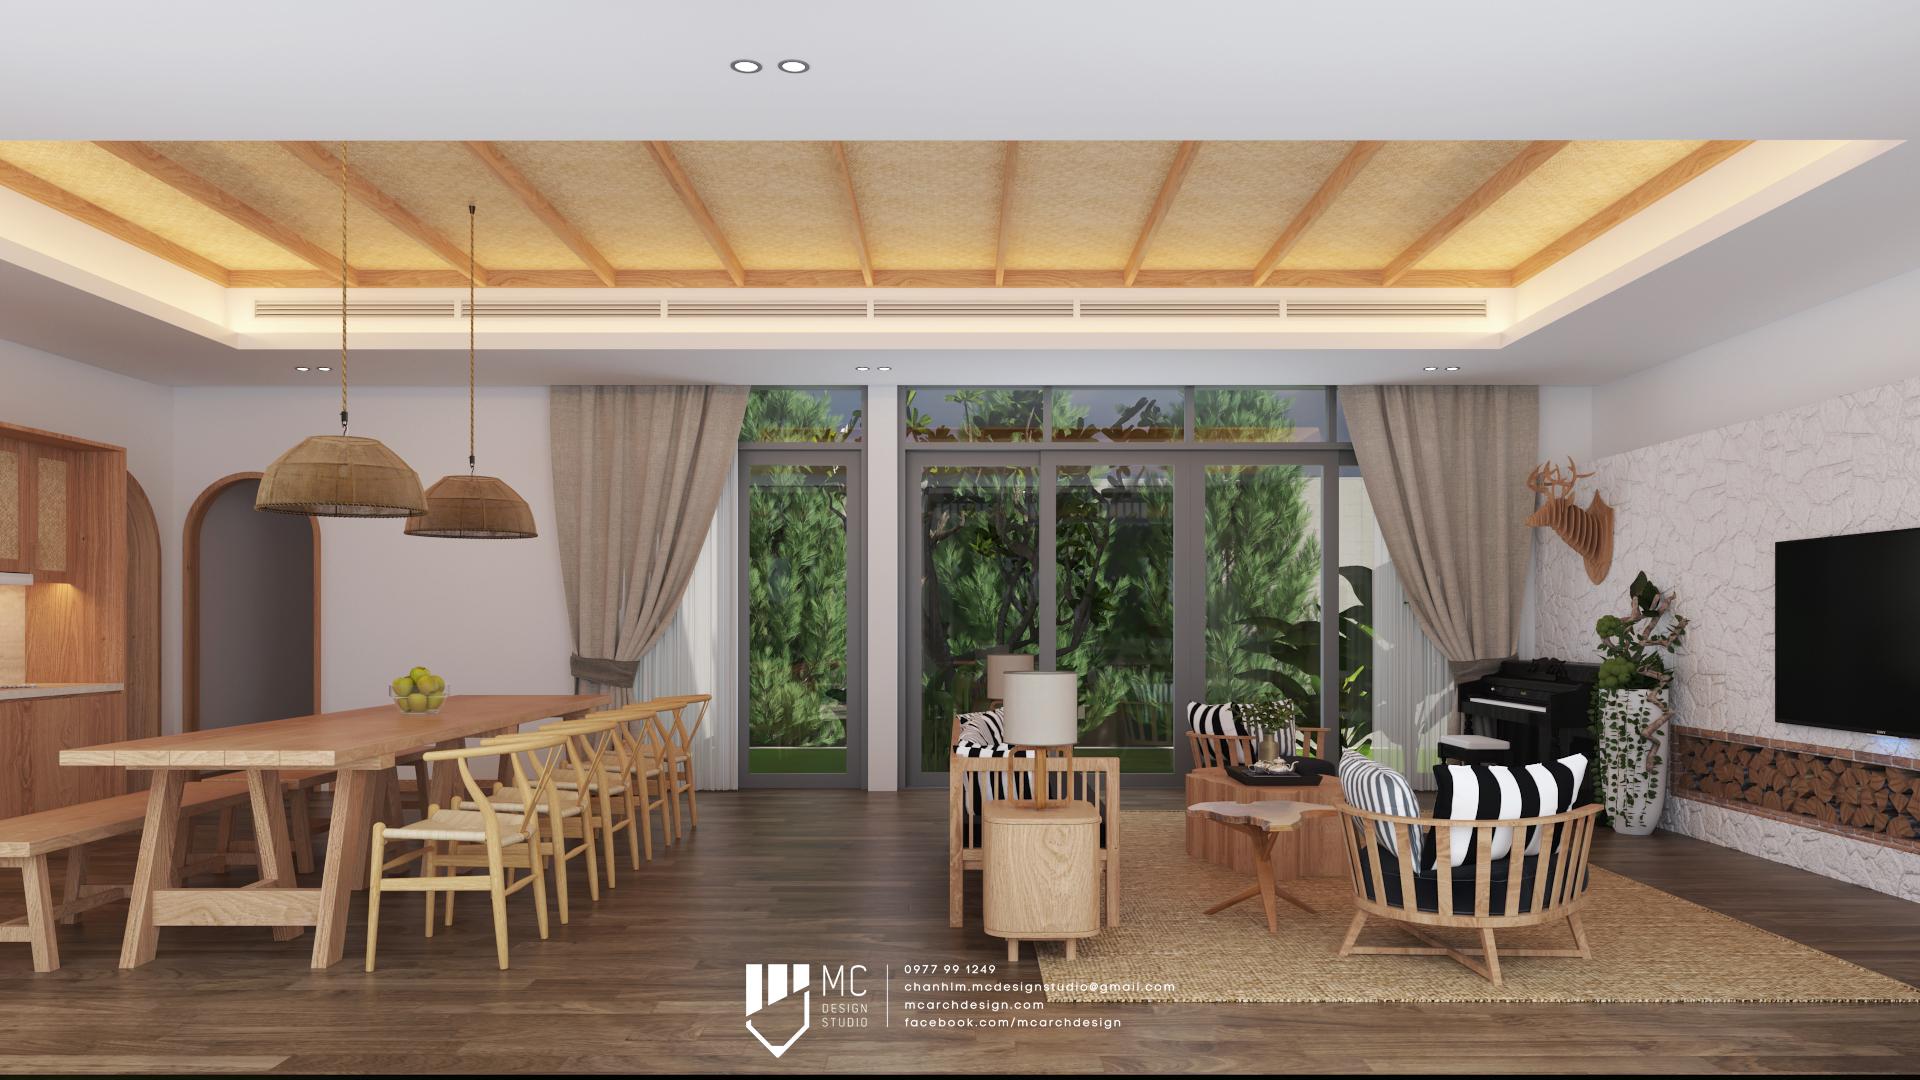 Thiết kế nội thất Biệt Thự tại Đắk Lắk BM House 1590741706 2